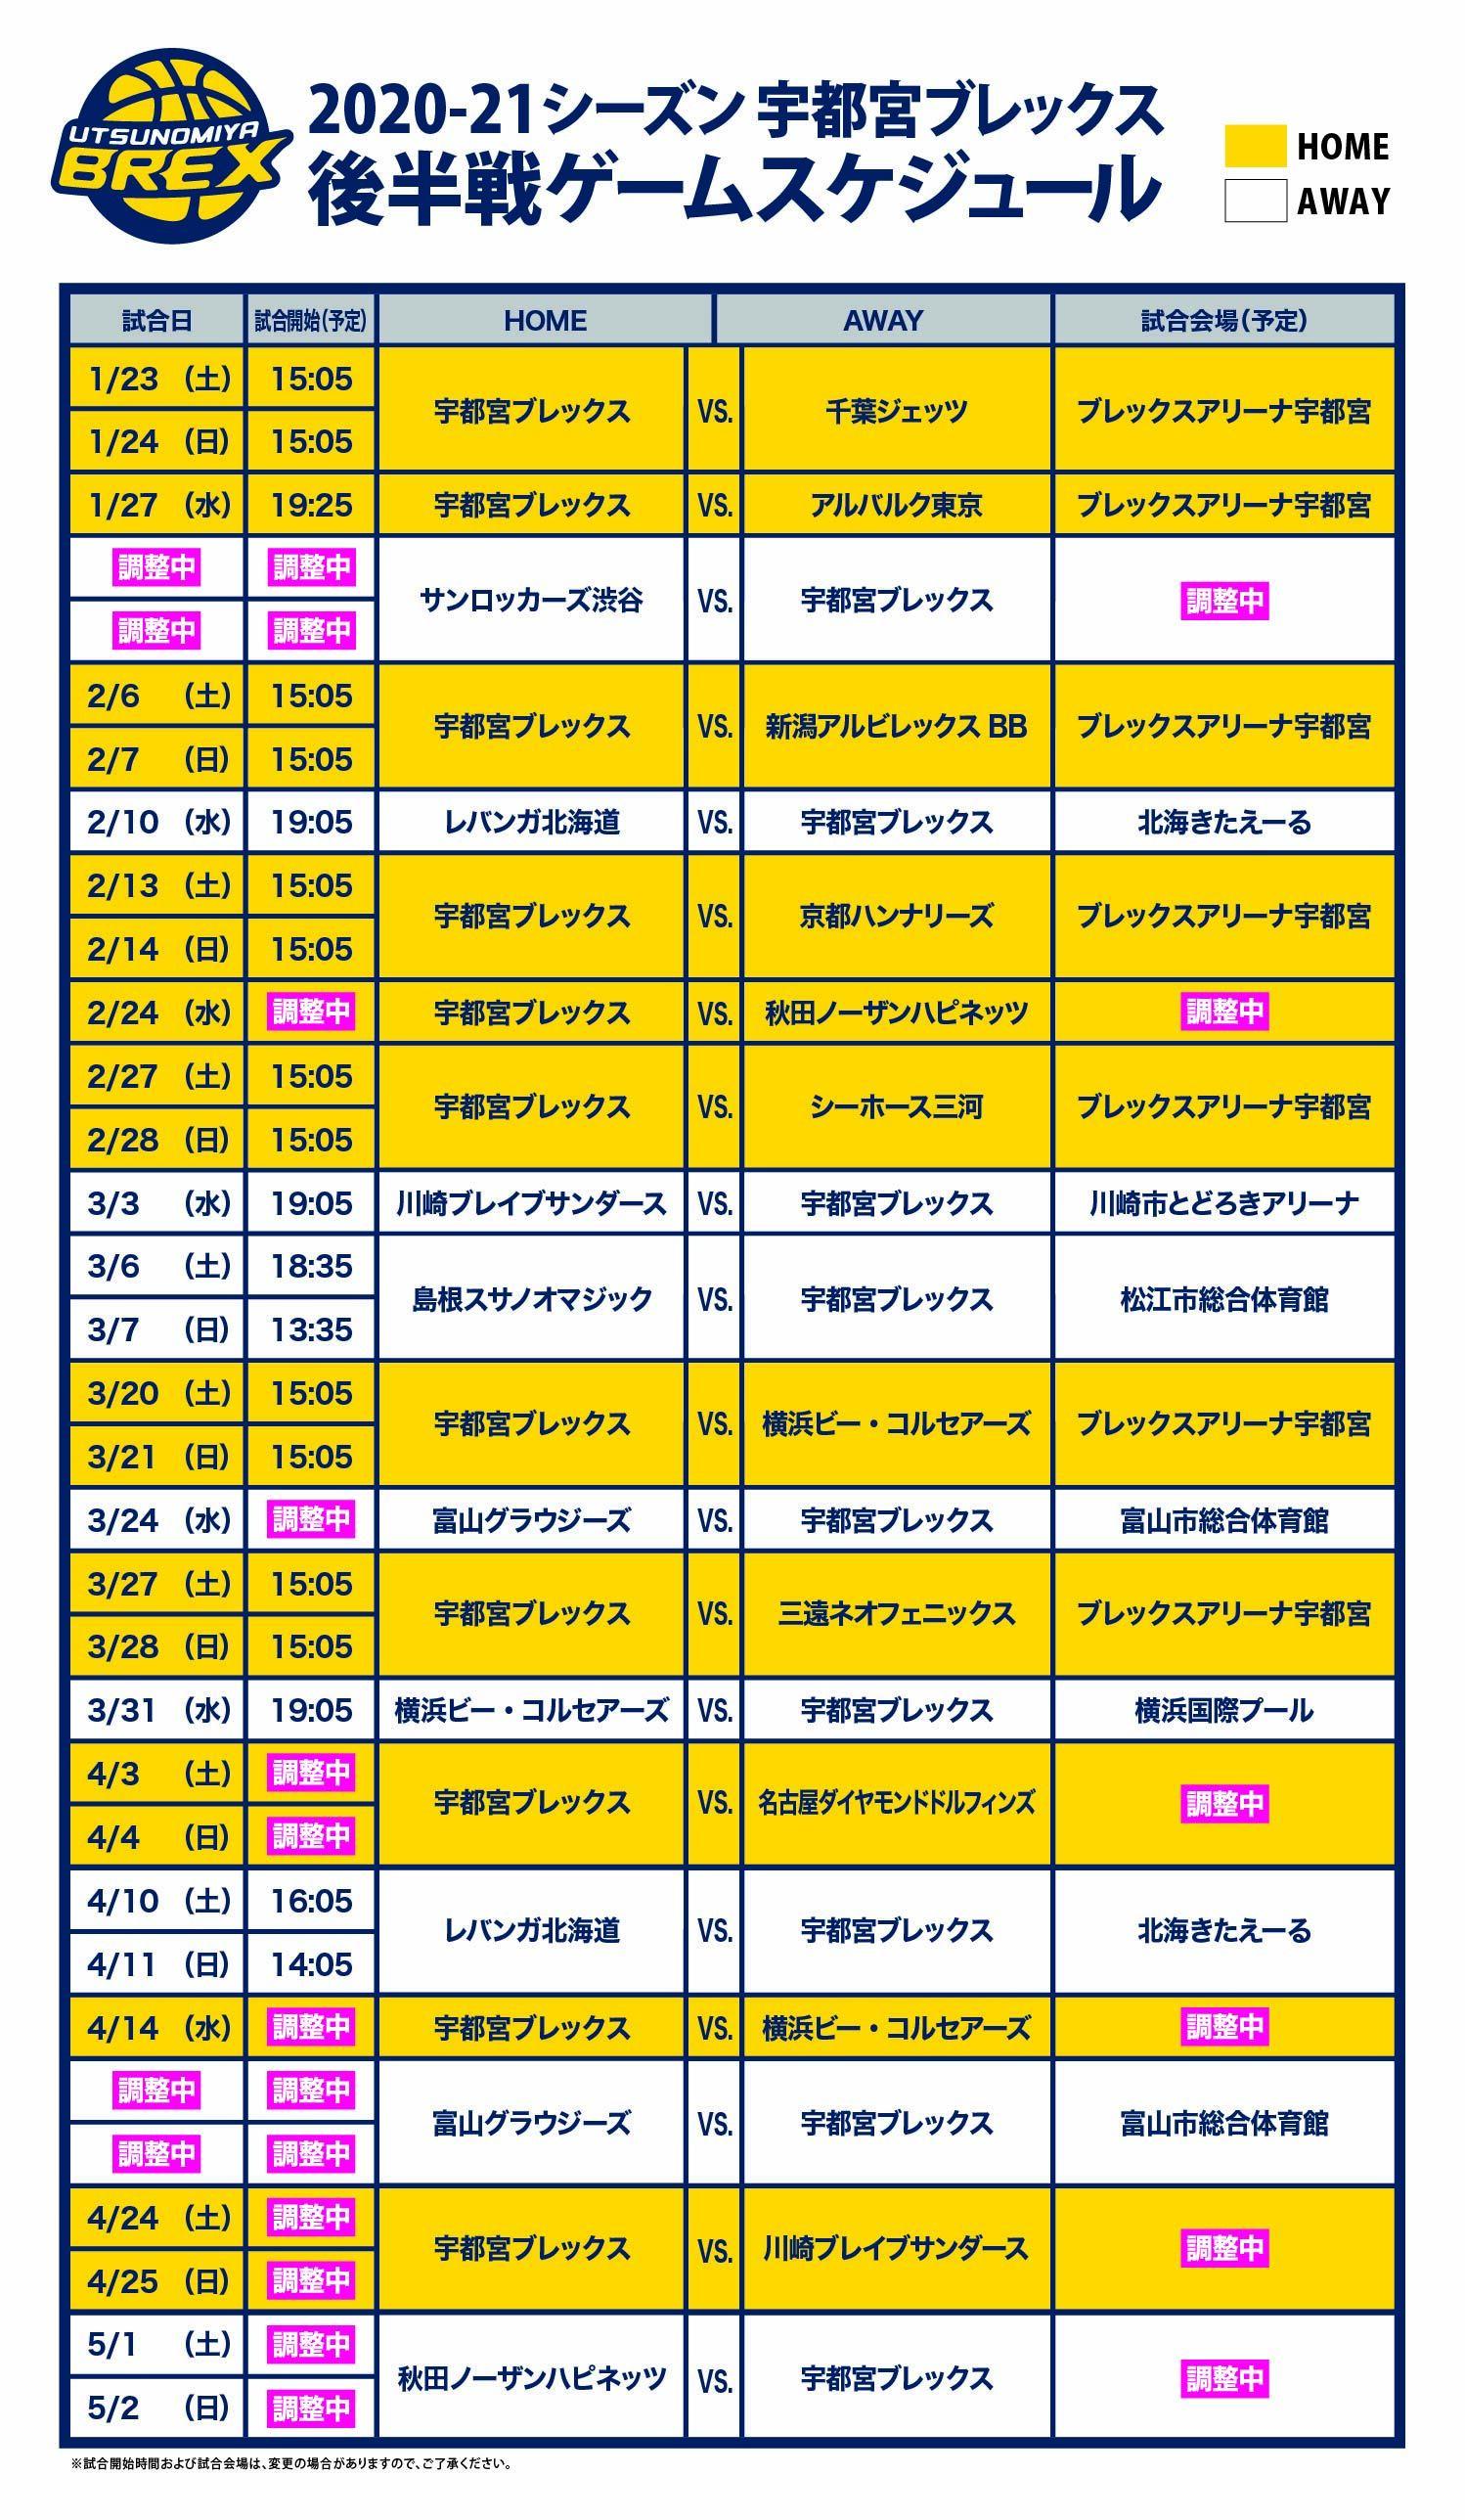 2020-21 シーズン 後半スケジュール